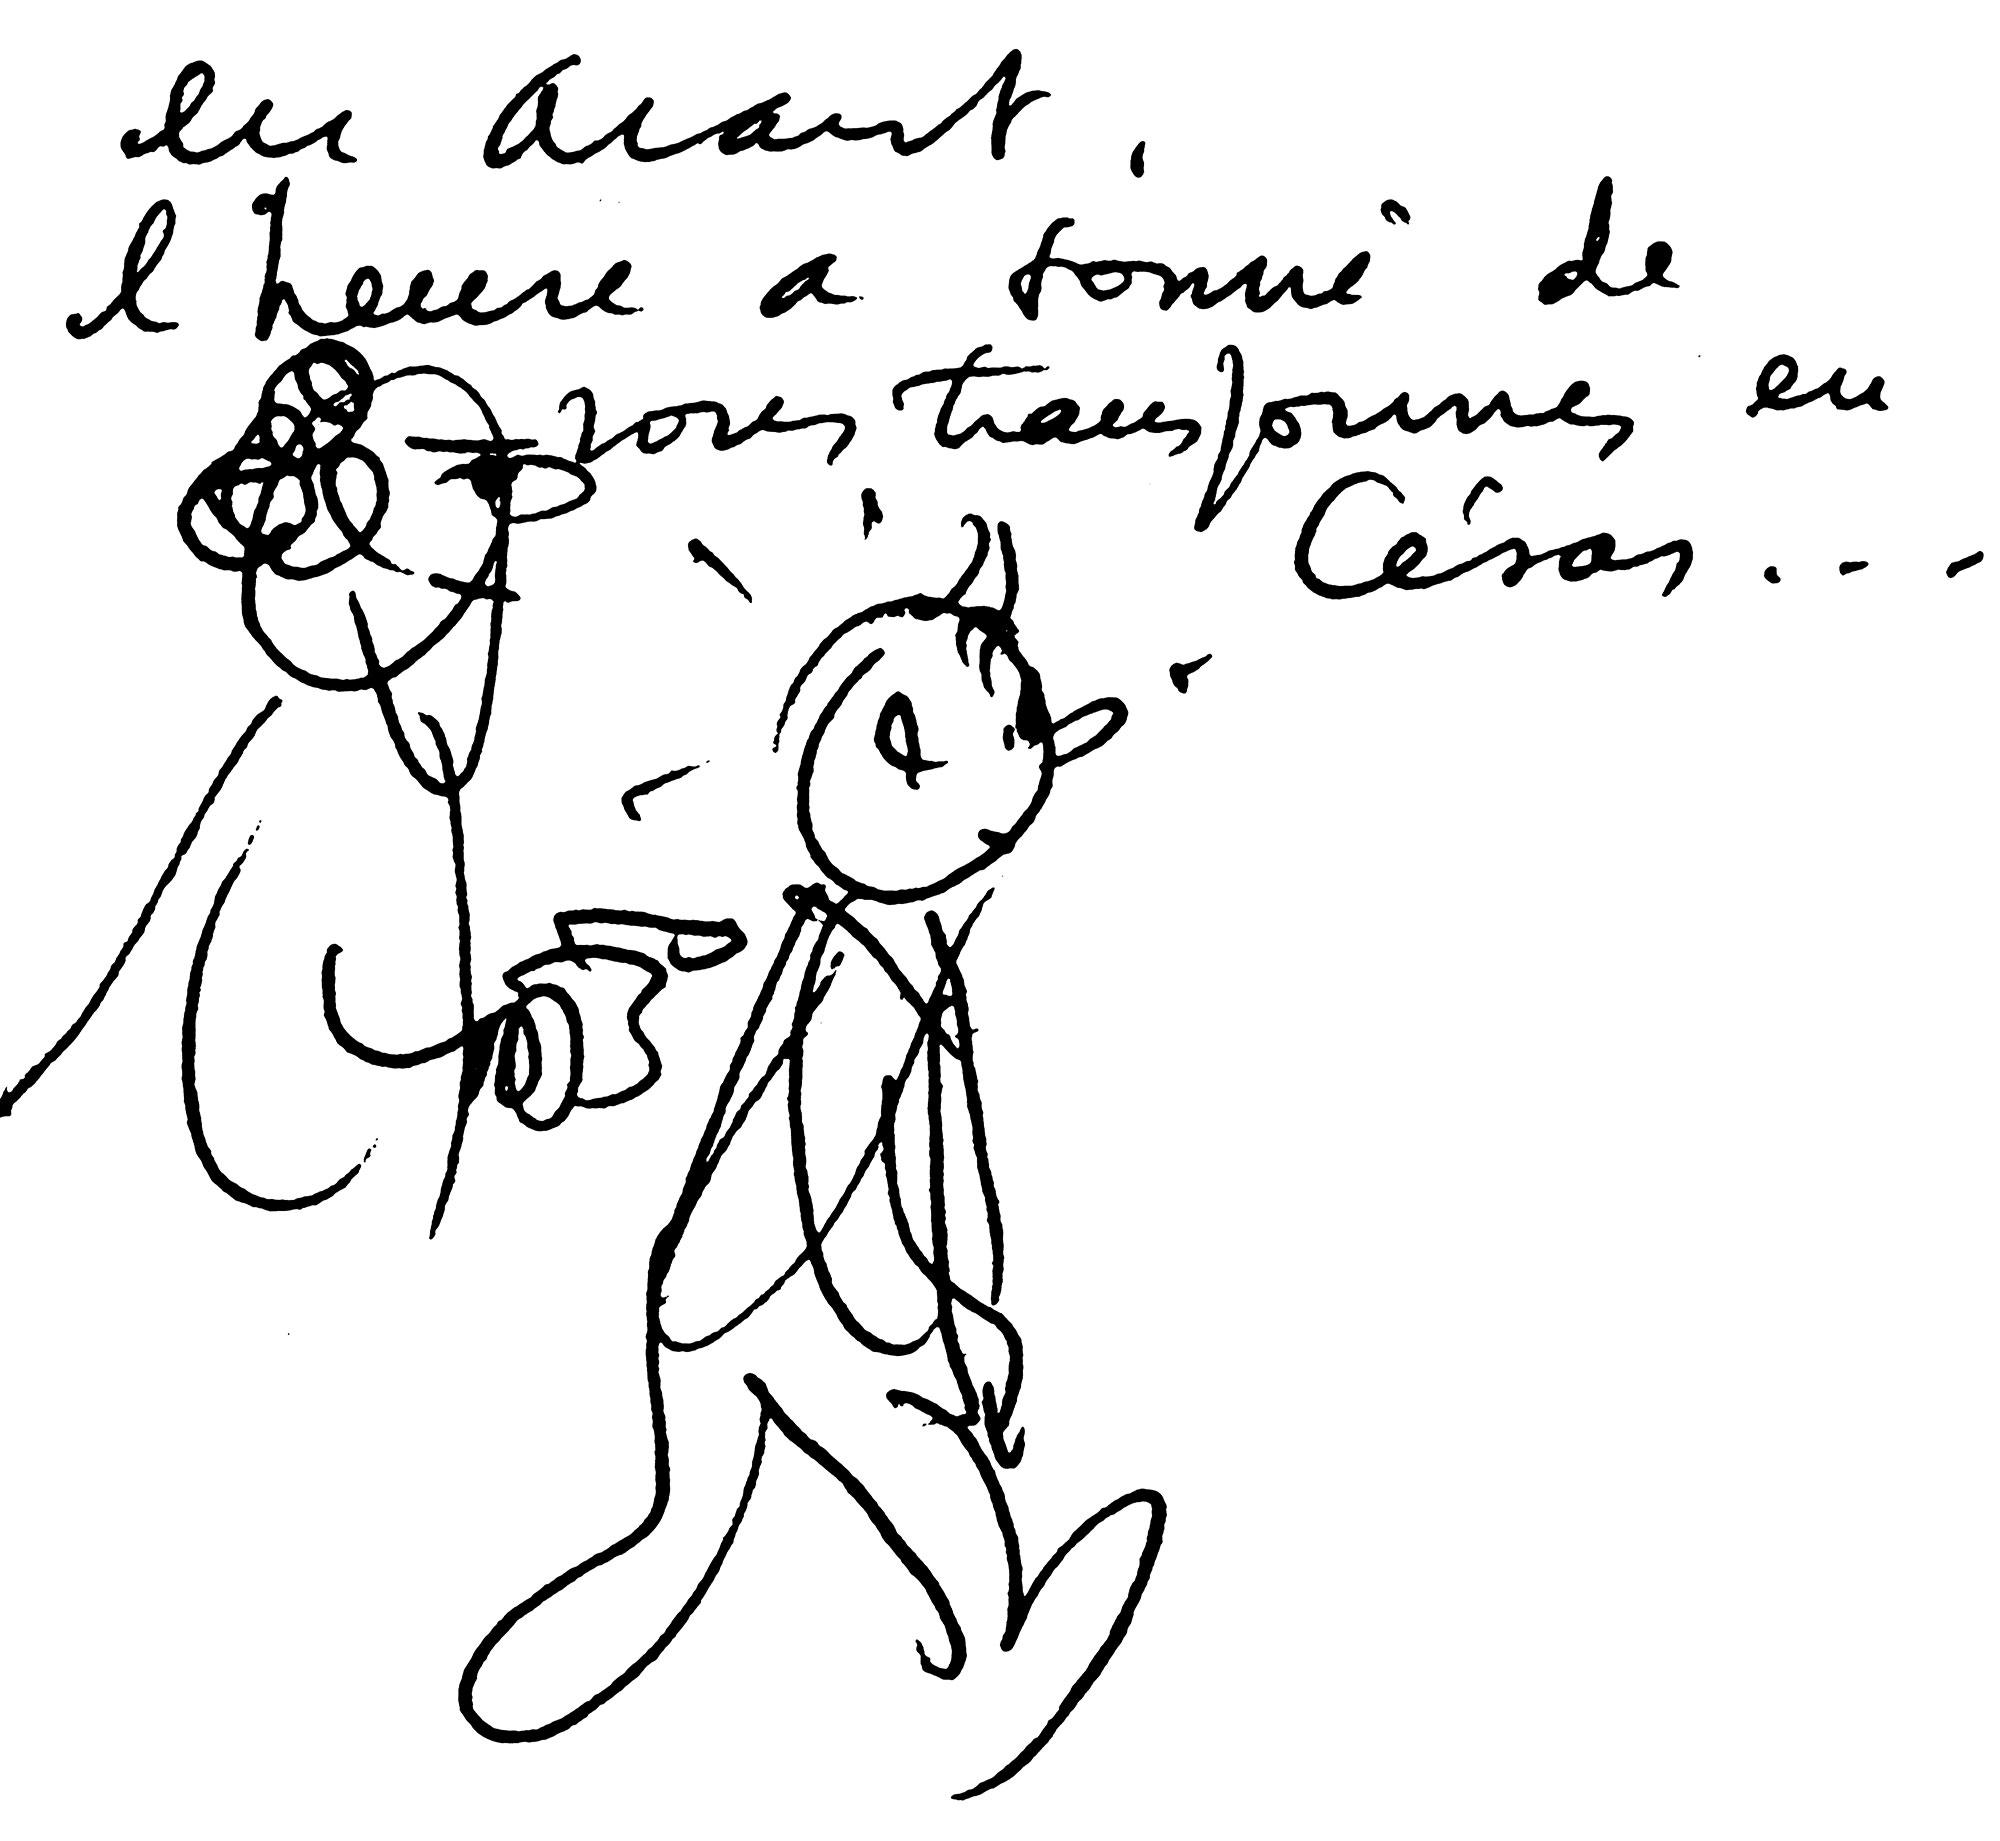 Tintin crayonné d'Hergé dans Tintin et l'Alph-Art